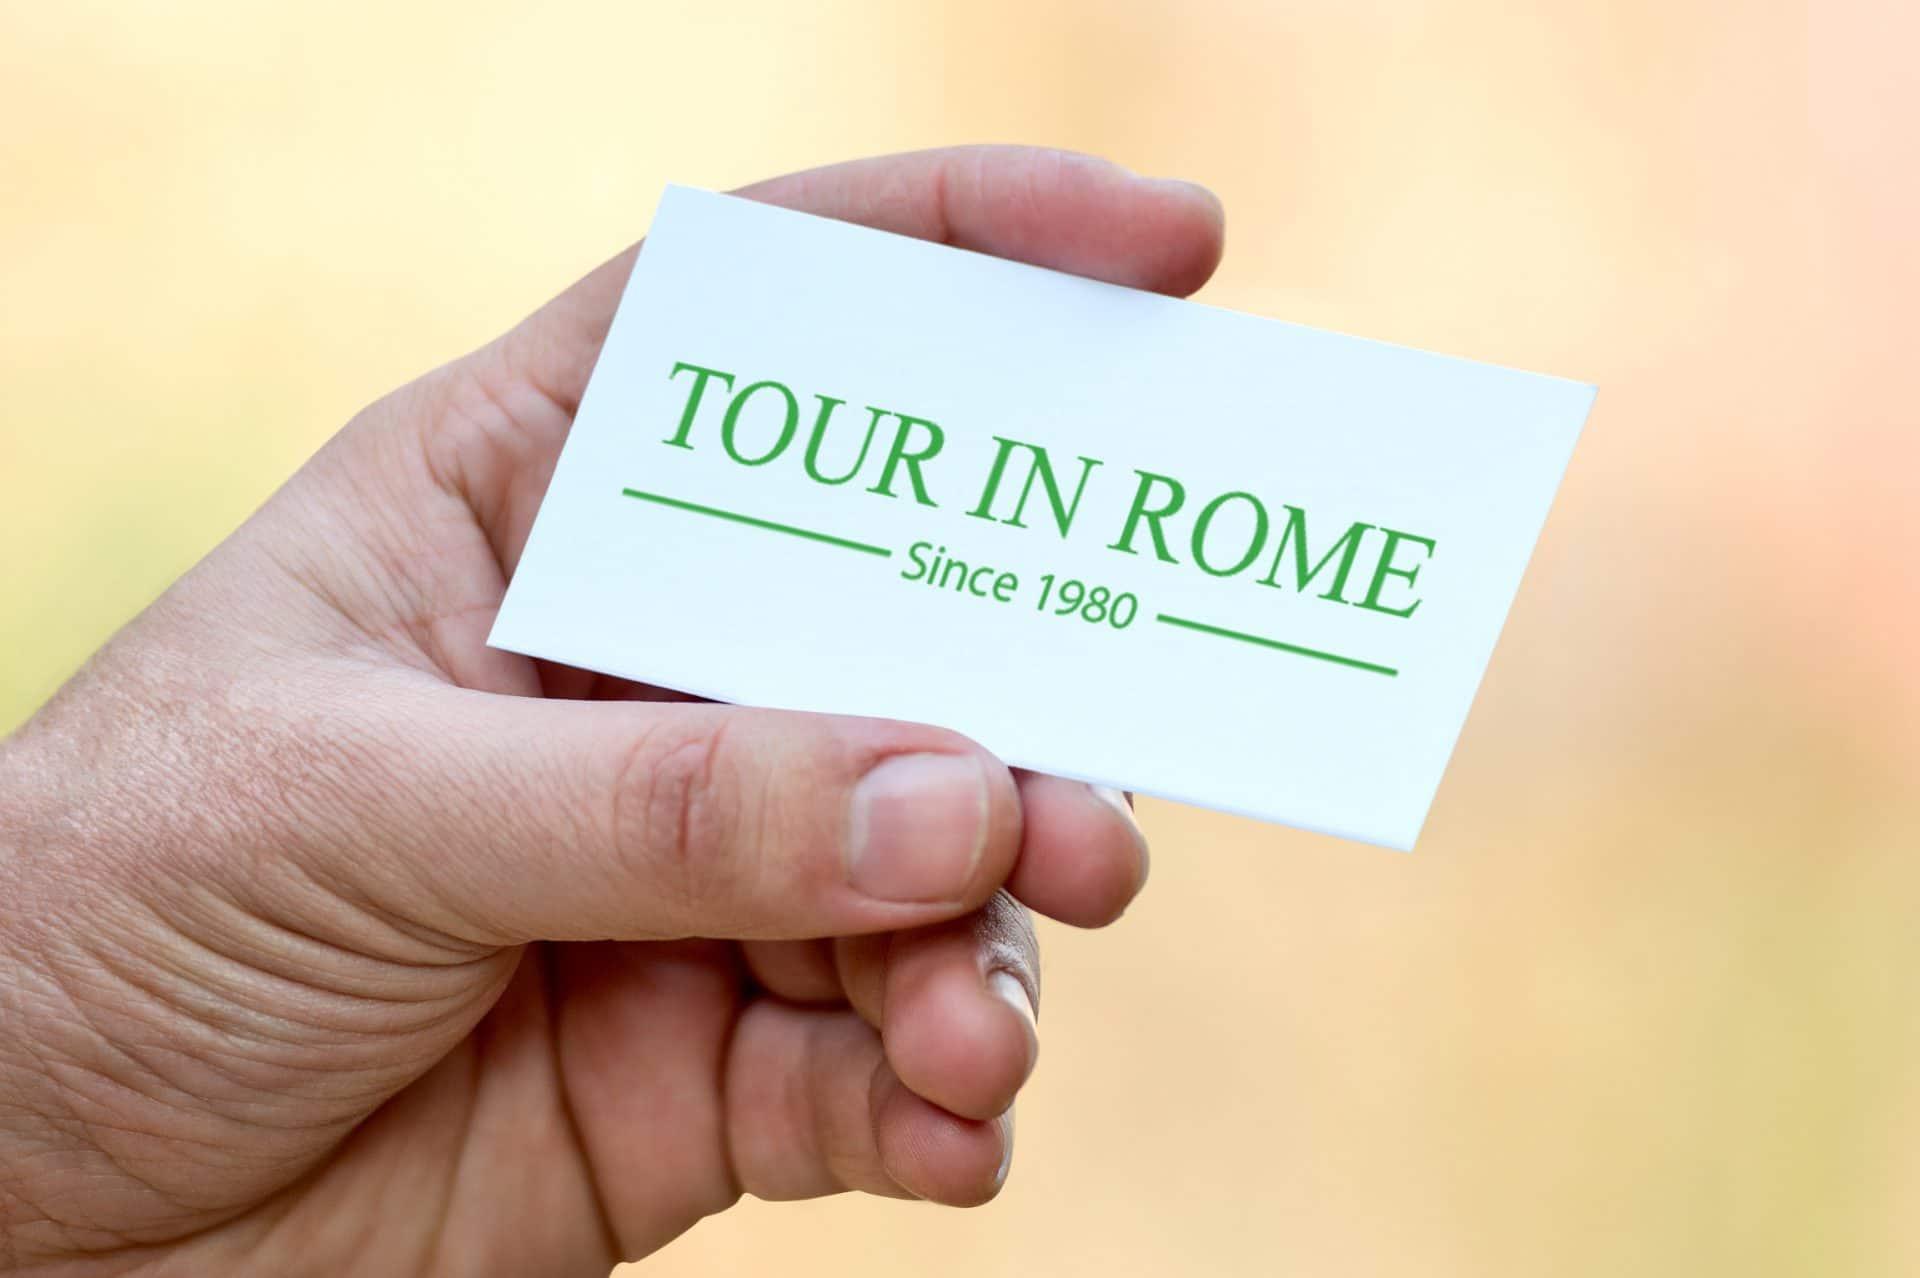 - Logo tour in rome - Logo Tour in Rome